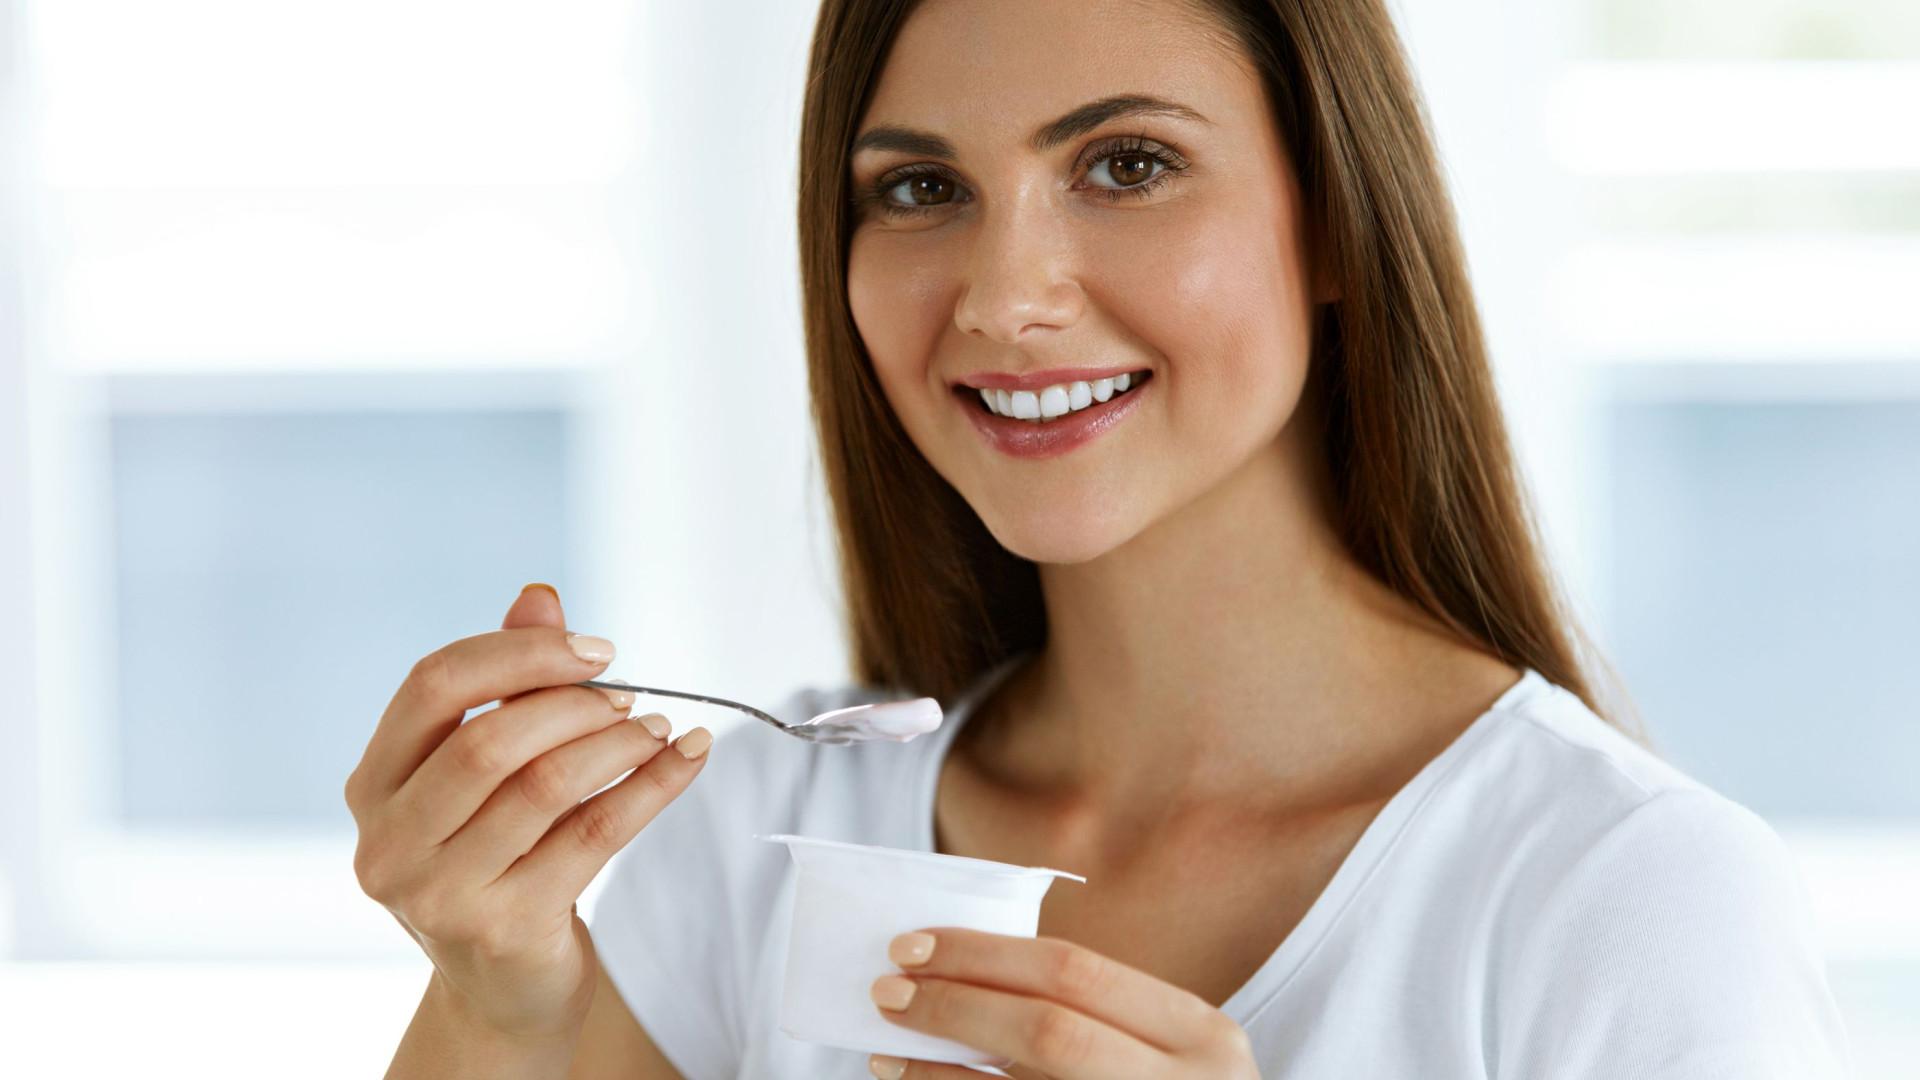 """Iogurtes ditos saudáveis """"são perda de dinheiro e fazem mais mal que bem"""""""